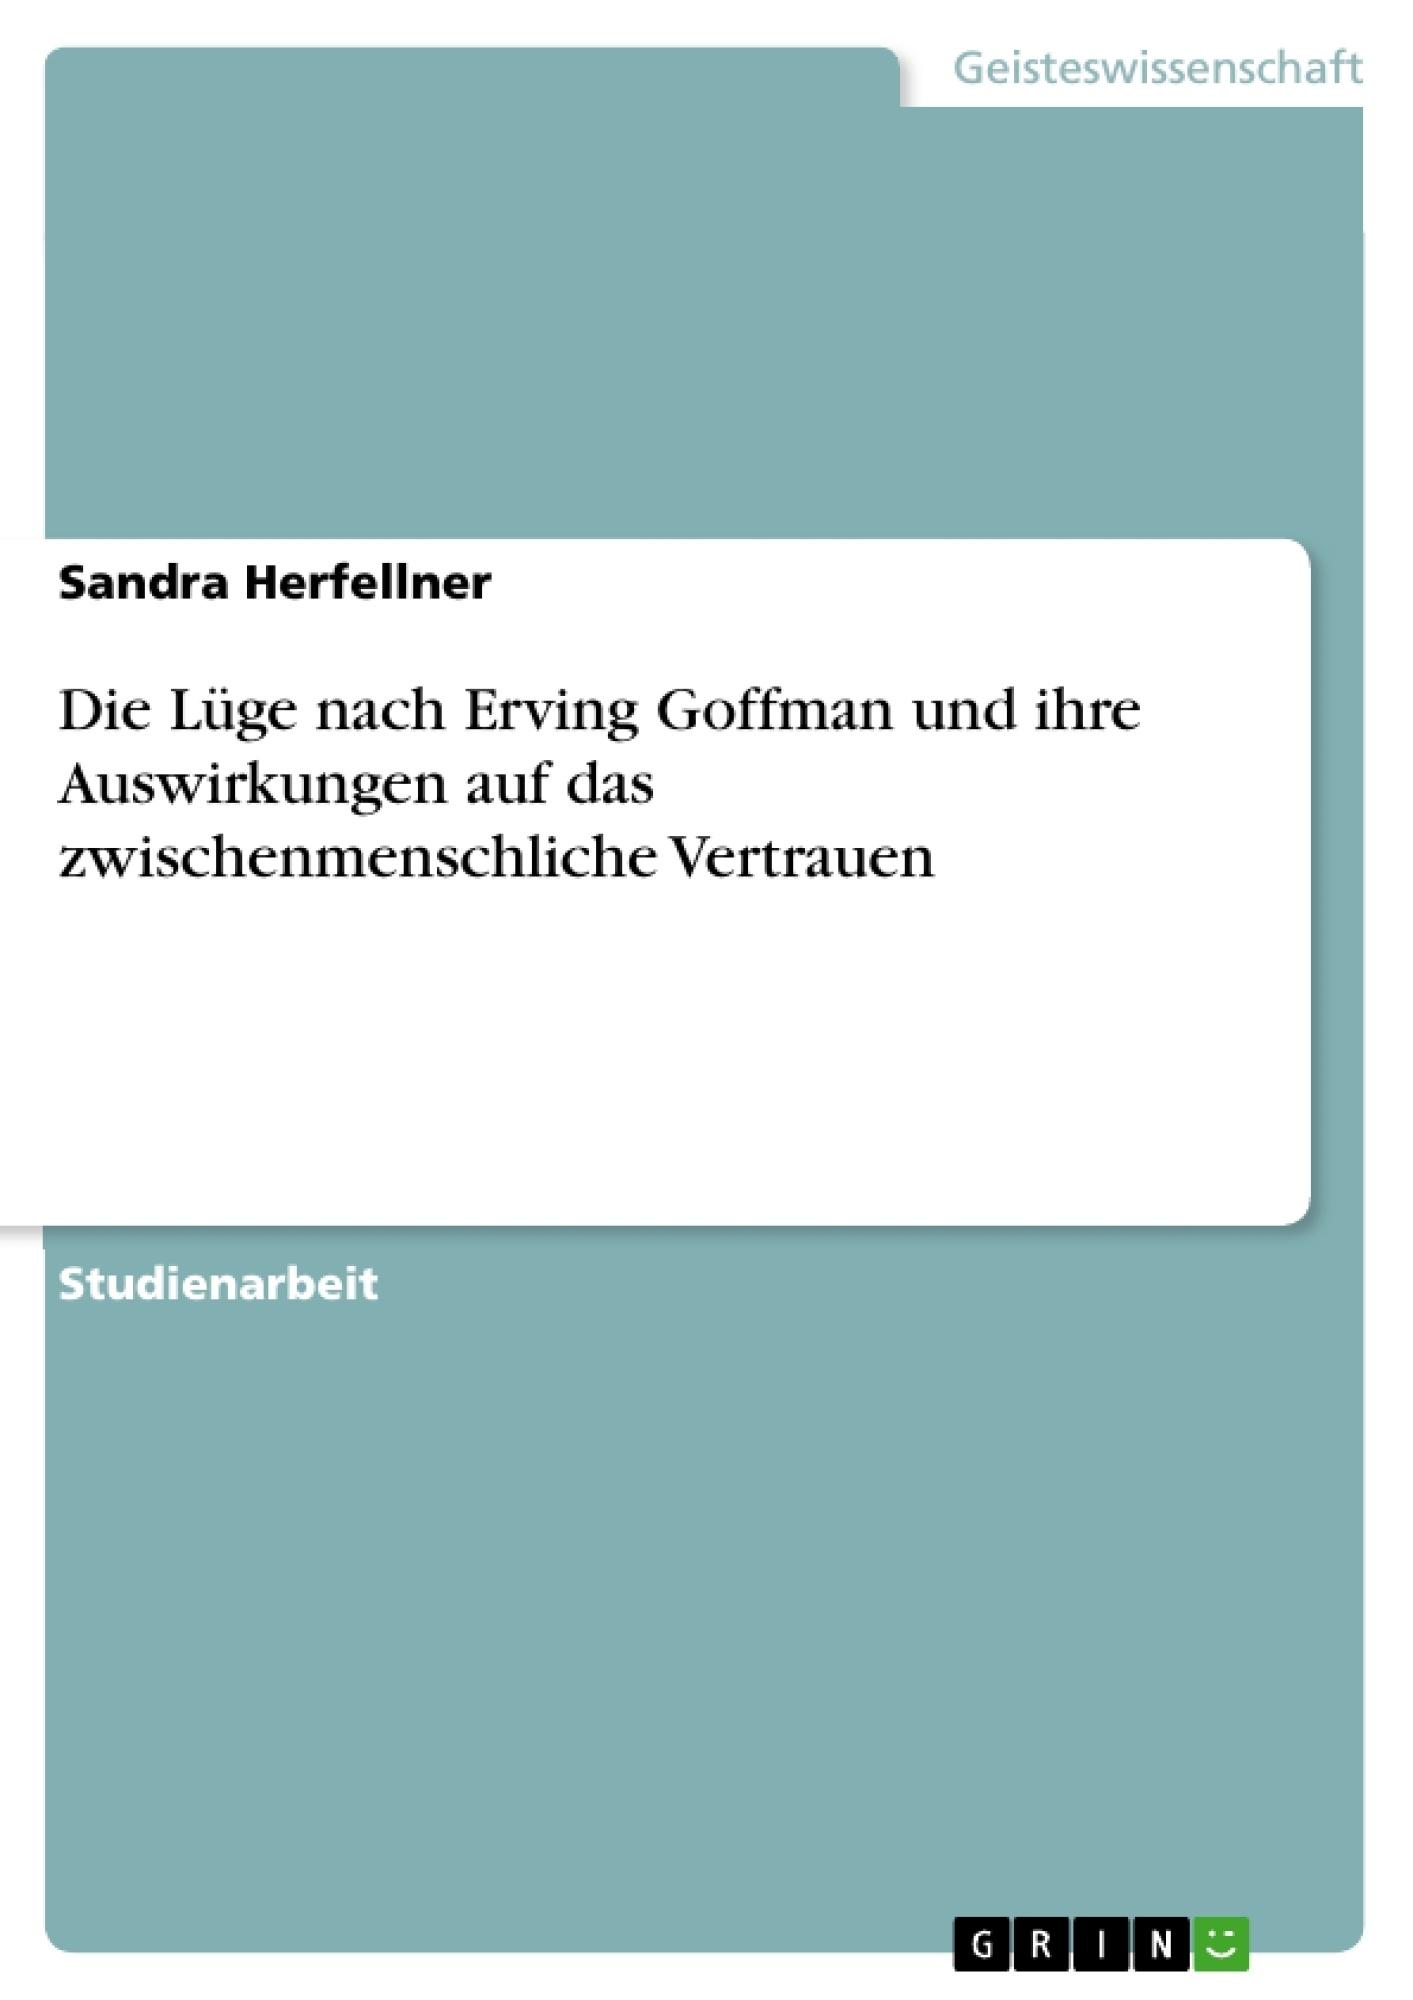 Titel: Die Lüge nach Erving Goffman und ihre Auswirkungen auf das zwischenmenschliche Vertrauen